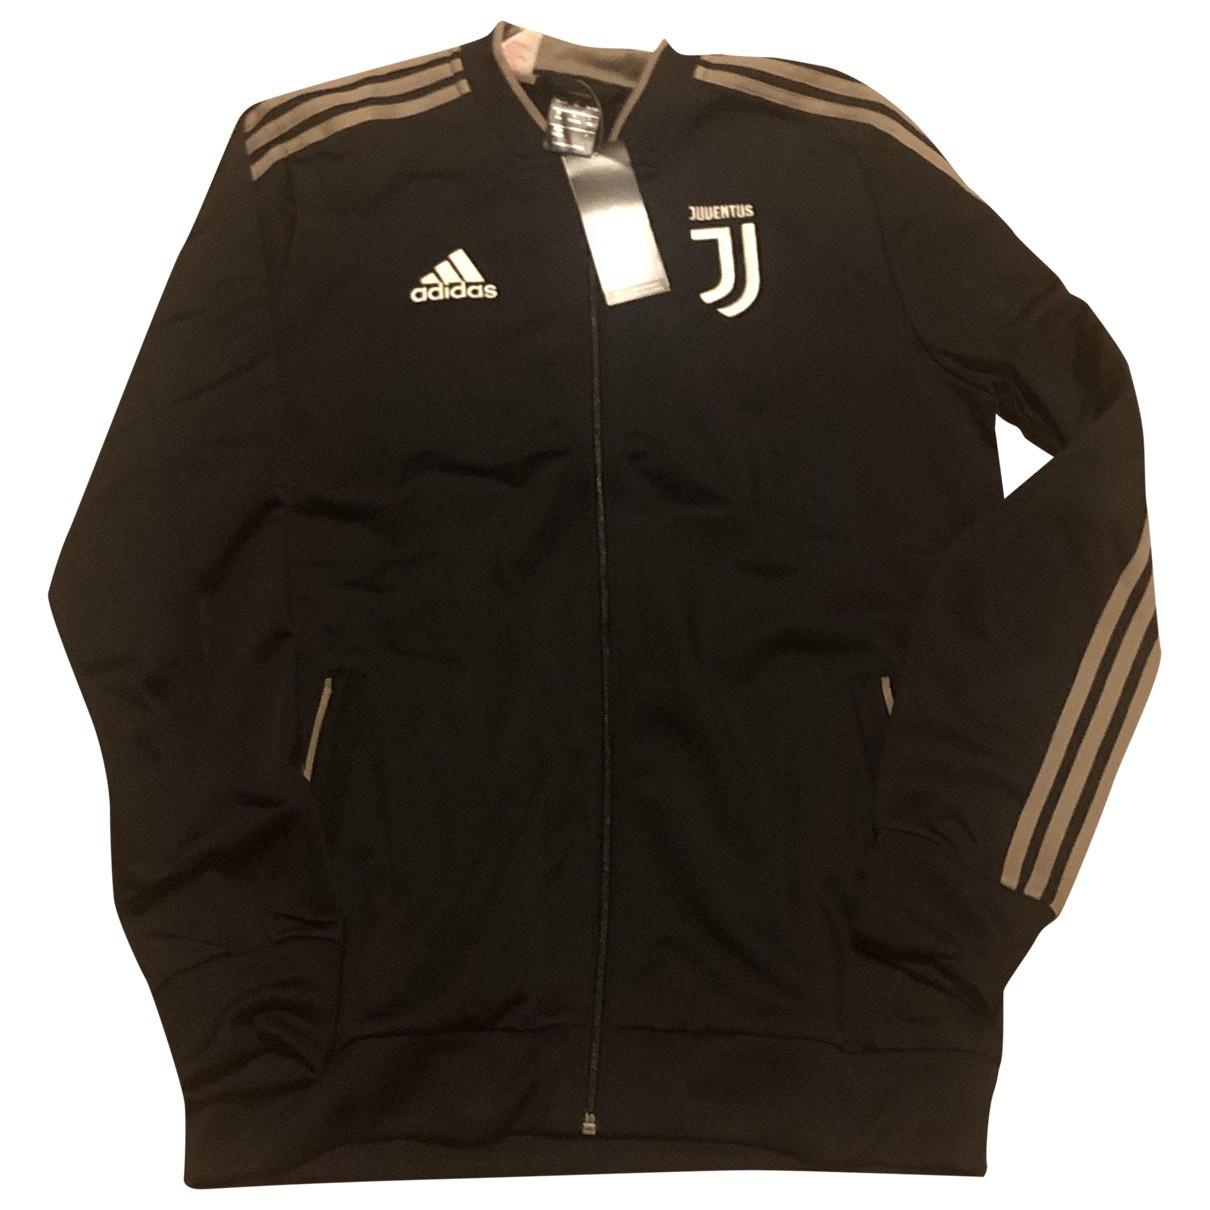 Adidas - Blousons.Manteaux   pour enfant - noir